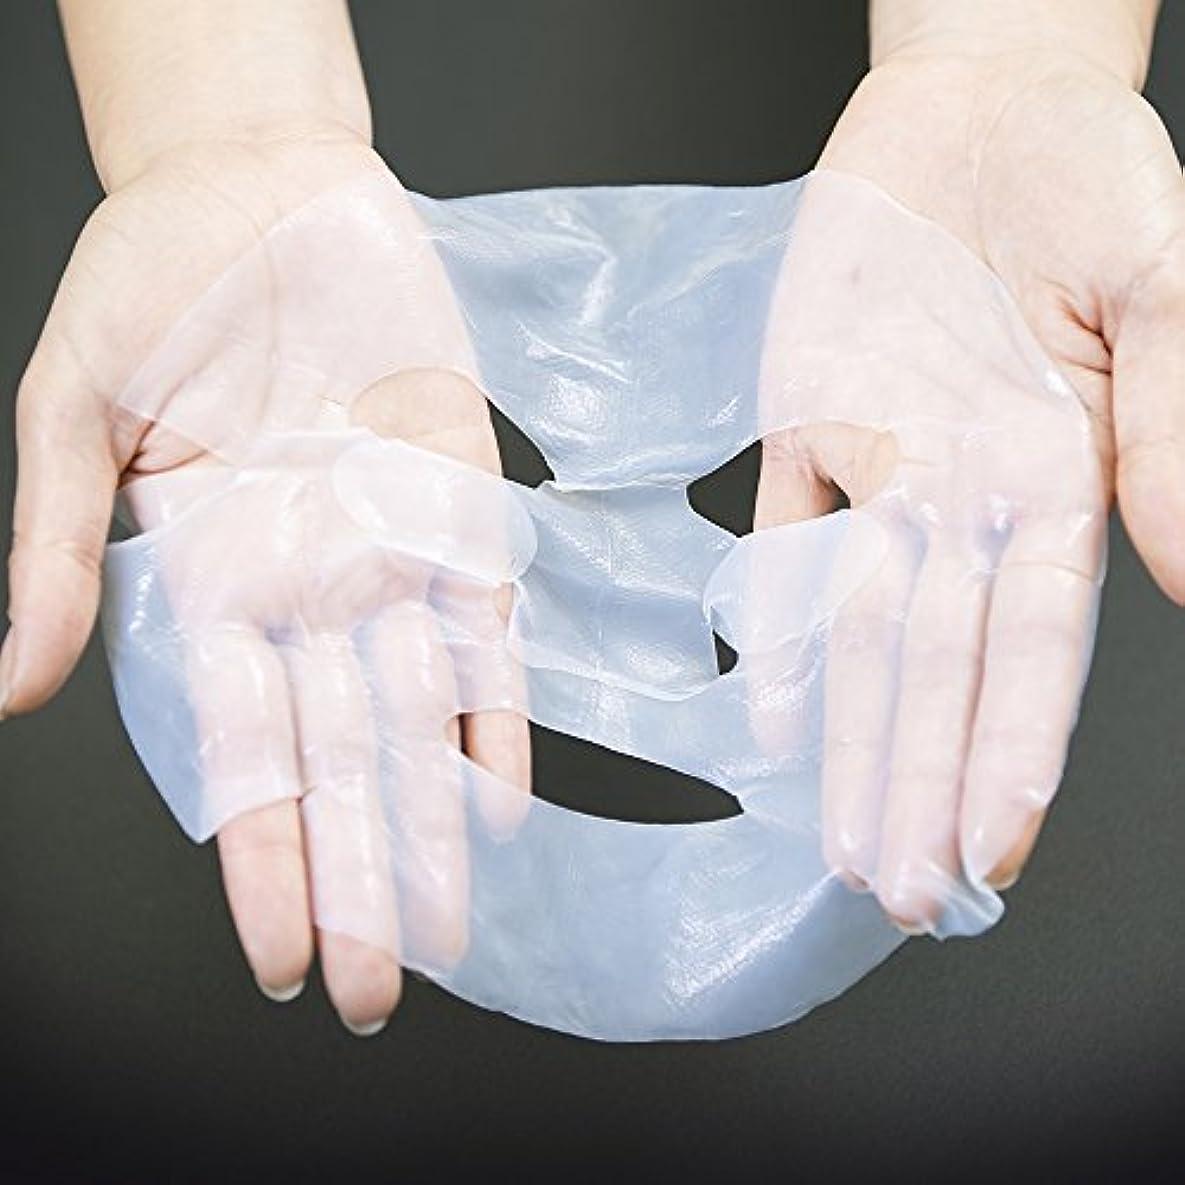 首謀者インフレーションホテルヒト幹細胞化粧品 ディアガイア フェイスパック 5枚セット